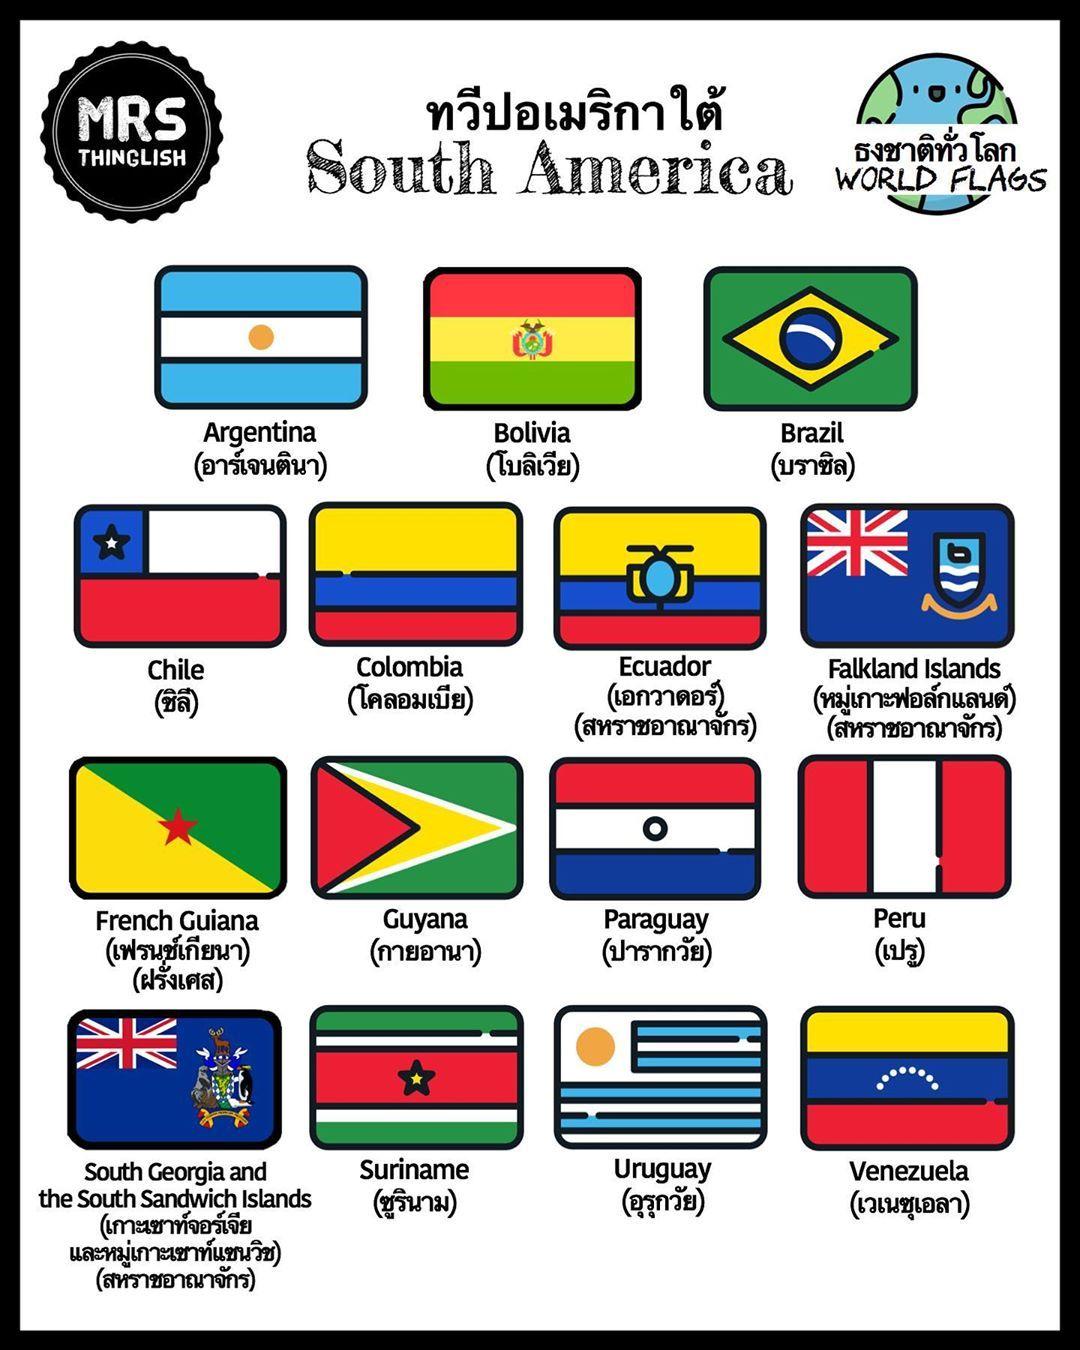 World Flags South America ธงชาต ท วโลก ทว ปอเมร กาใต Mrsthinglish English อ งกฤษ ภาษาอ งกฤษ Learnenglish เร คำศ พท ภาษาอ งกฤษ เร ยนภาษาอ งกฤษ ภาษา